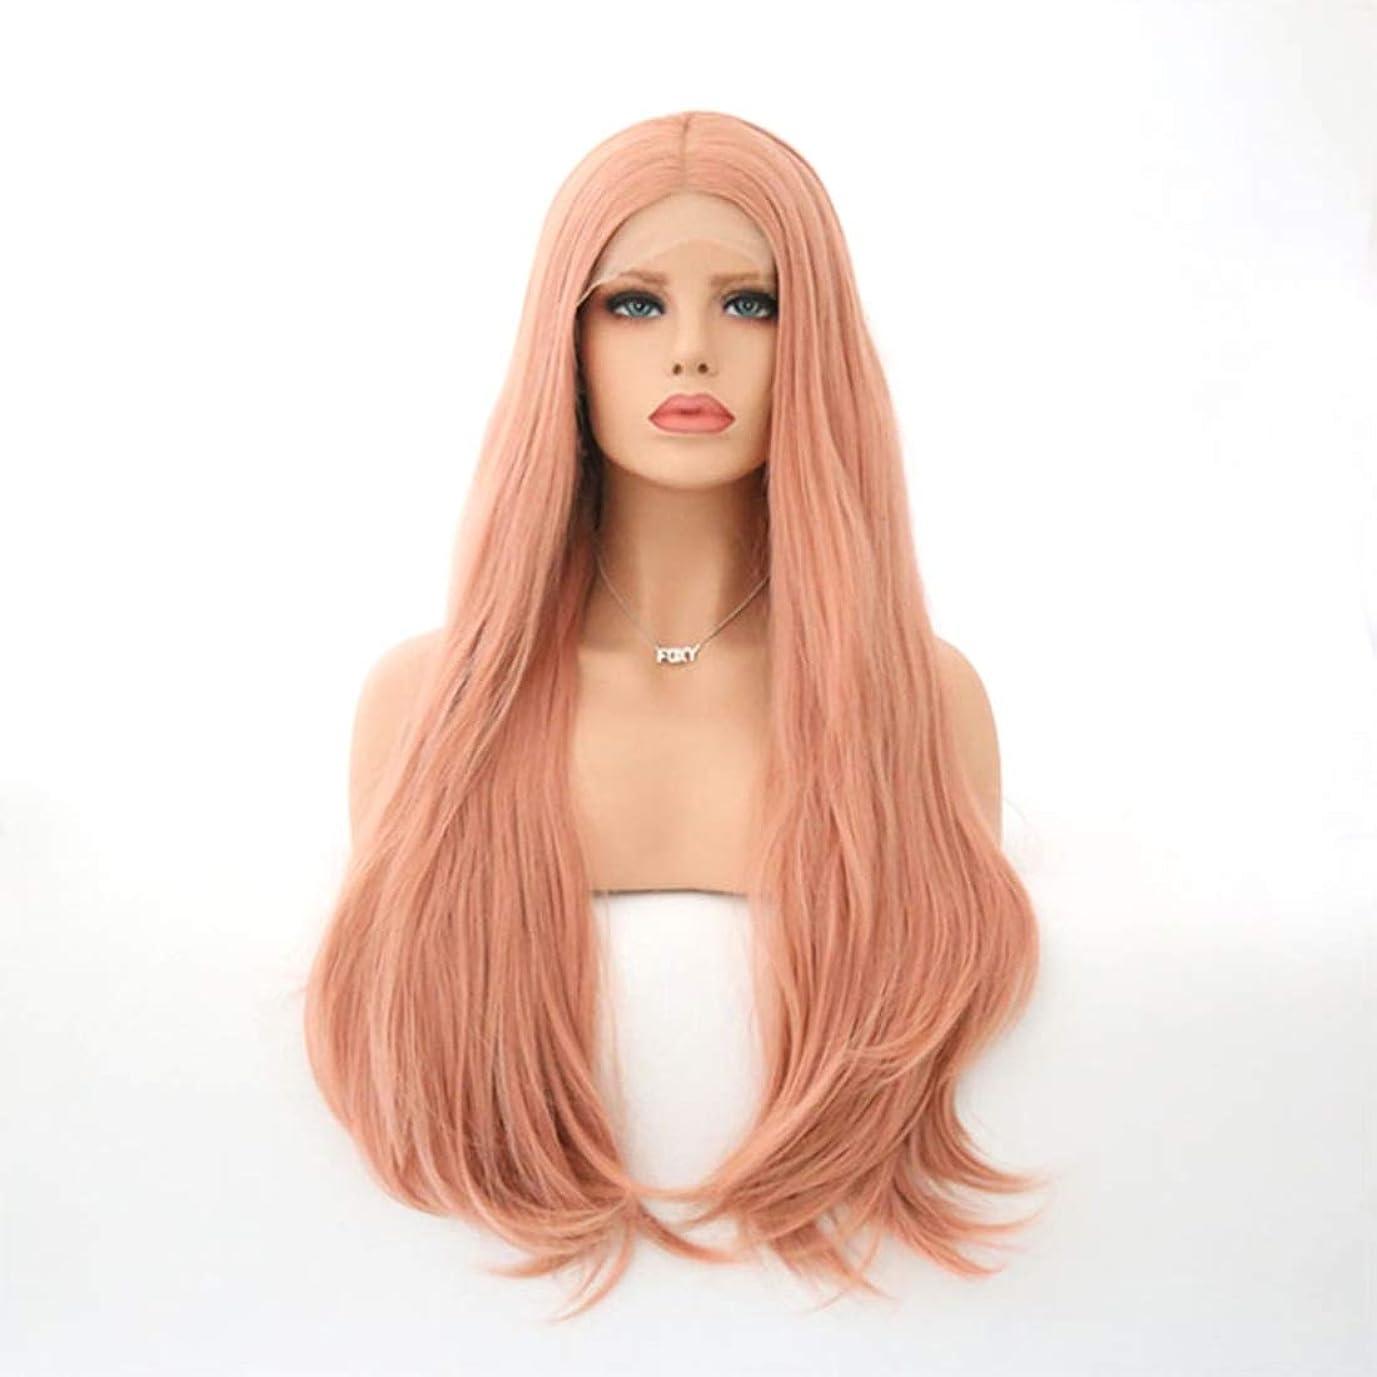 どんなときもセンチメンタルレンドKoloeplf 女性のための自然な長い巻き毛のかつらの代わりとなるかつら合成繊維の毛髪のかつら